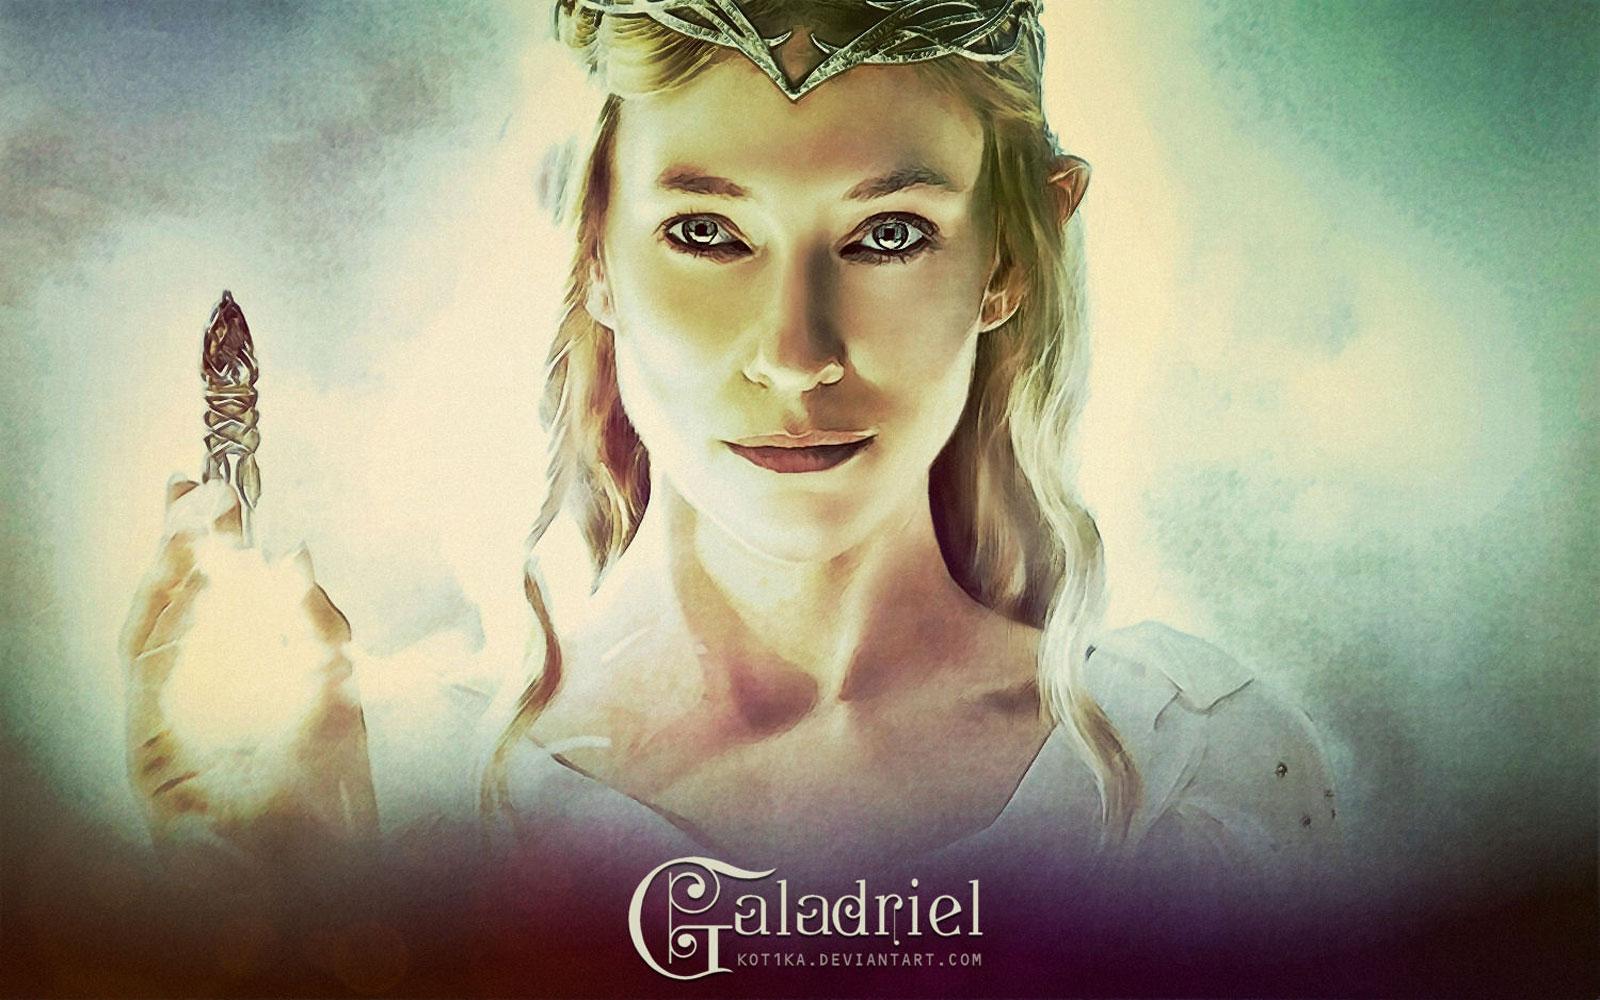 Fondos de pantalla de Galadriel Wallpapers de Galadriel Fondos de 1600x1000